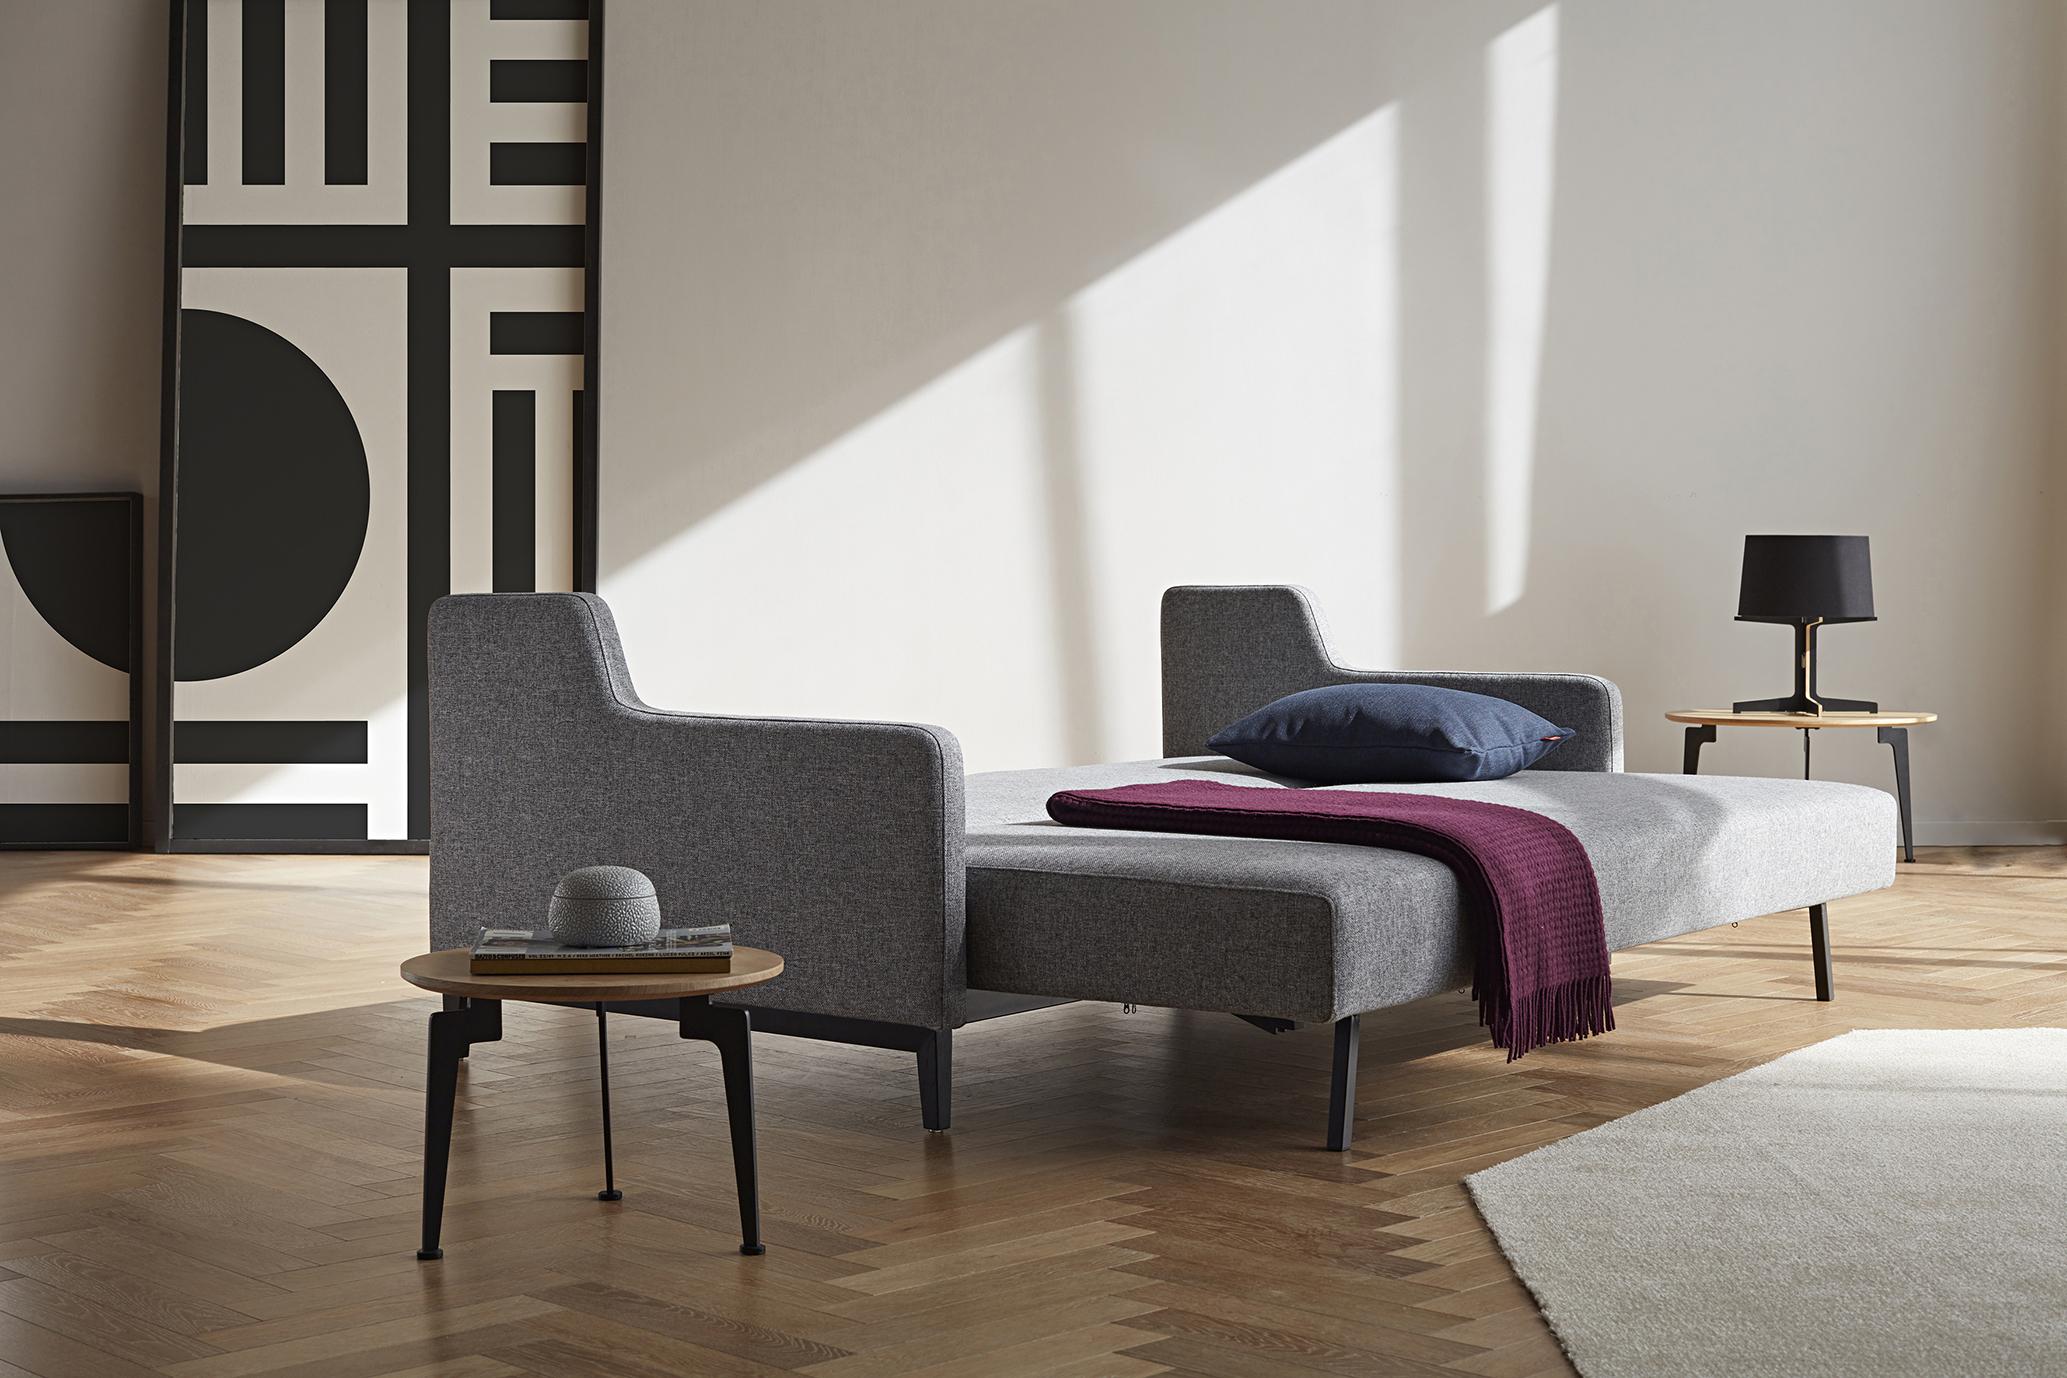 Hermod-sofa-bed-oliver-lukas-weisskrogh-8.jpg